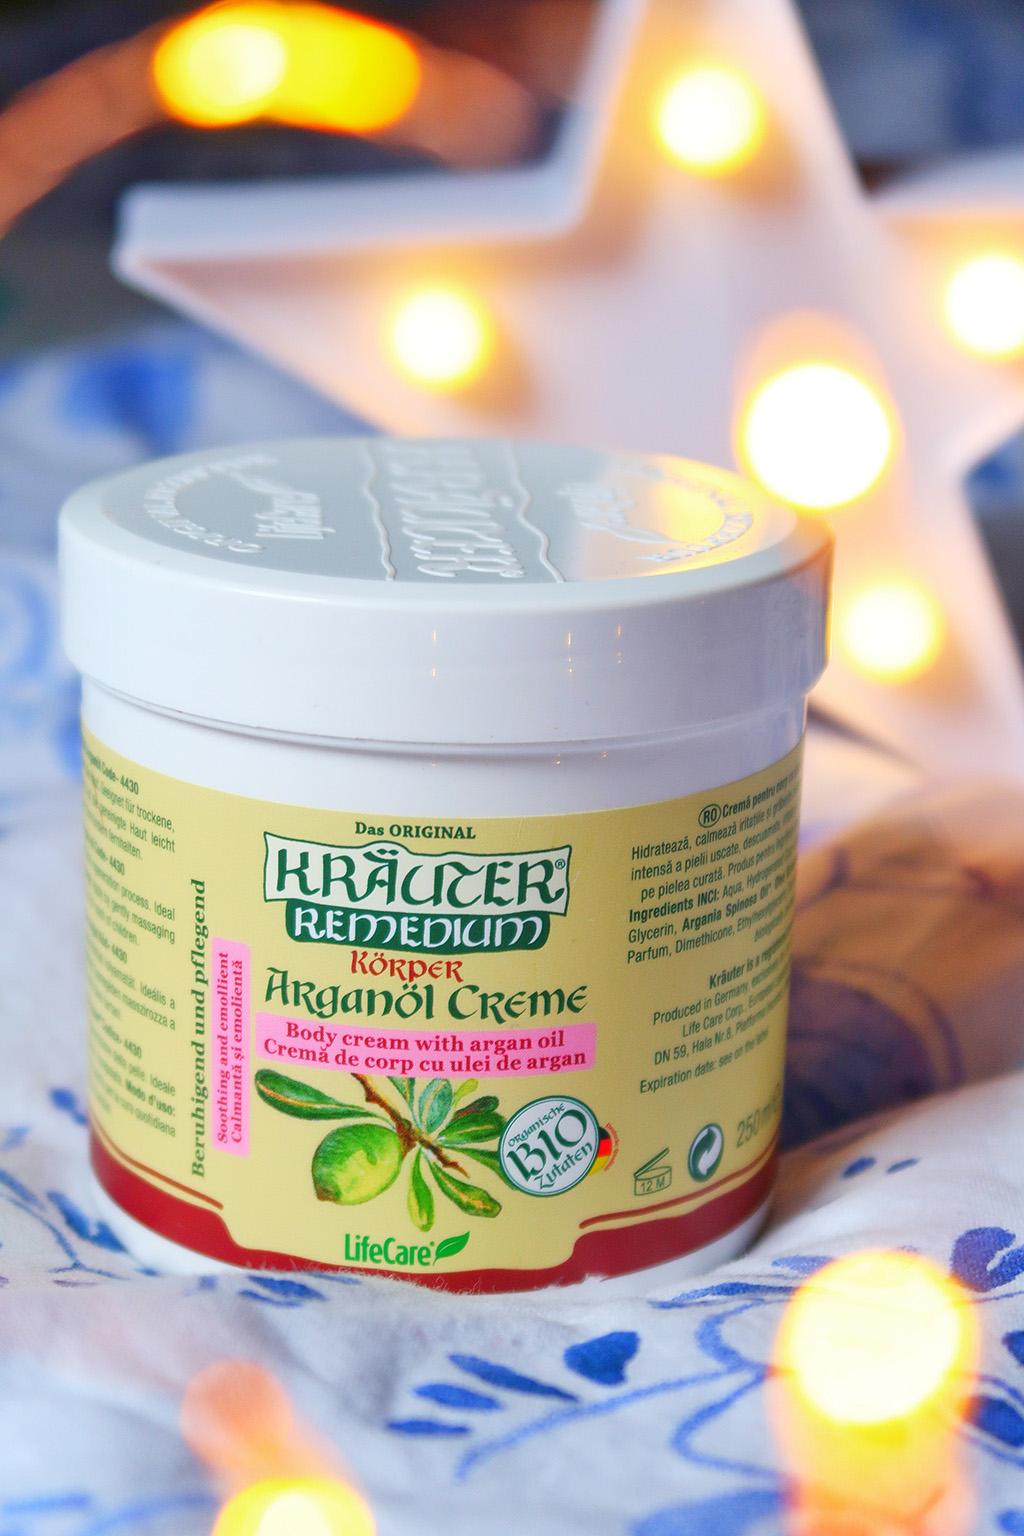 life care ce creme folosesti pentru ingrijirea pielii in sezonul rece crema arnica galbenele unt de shea ulei de argan